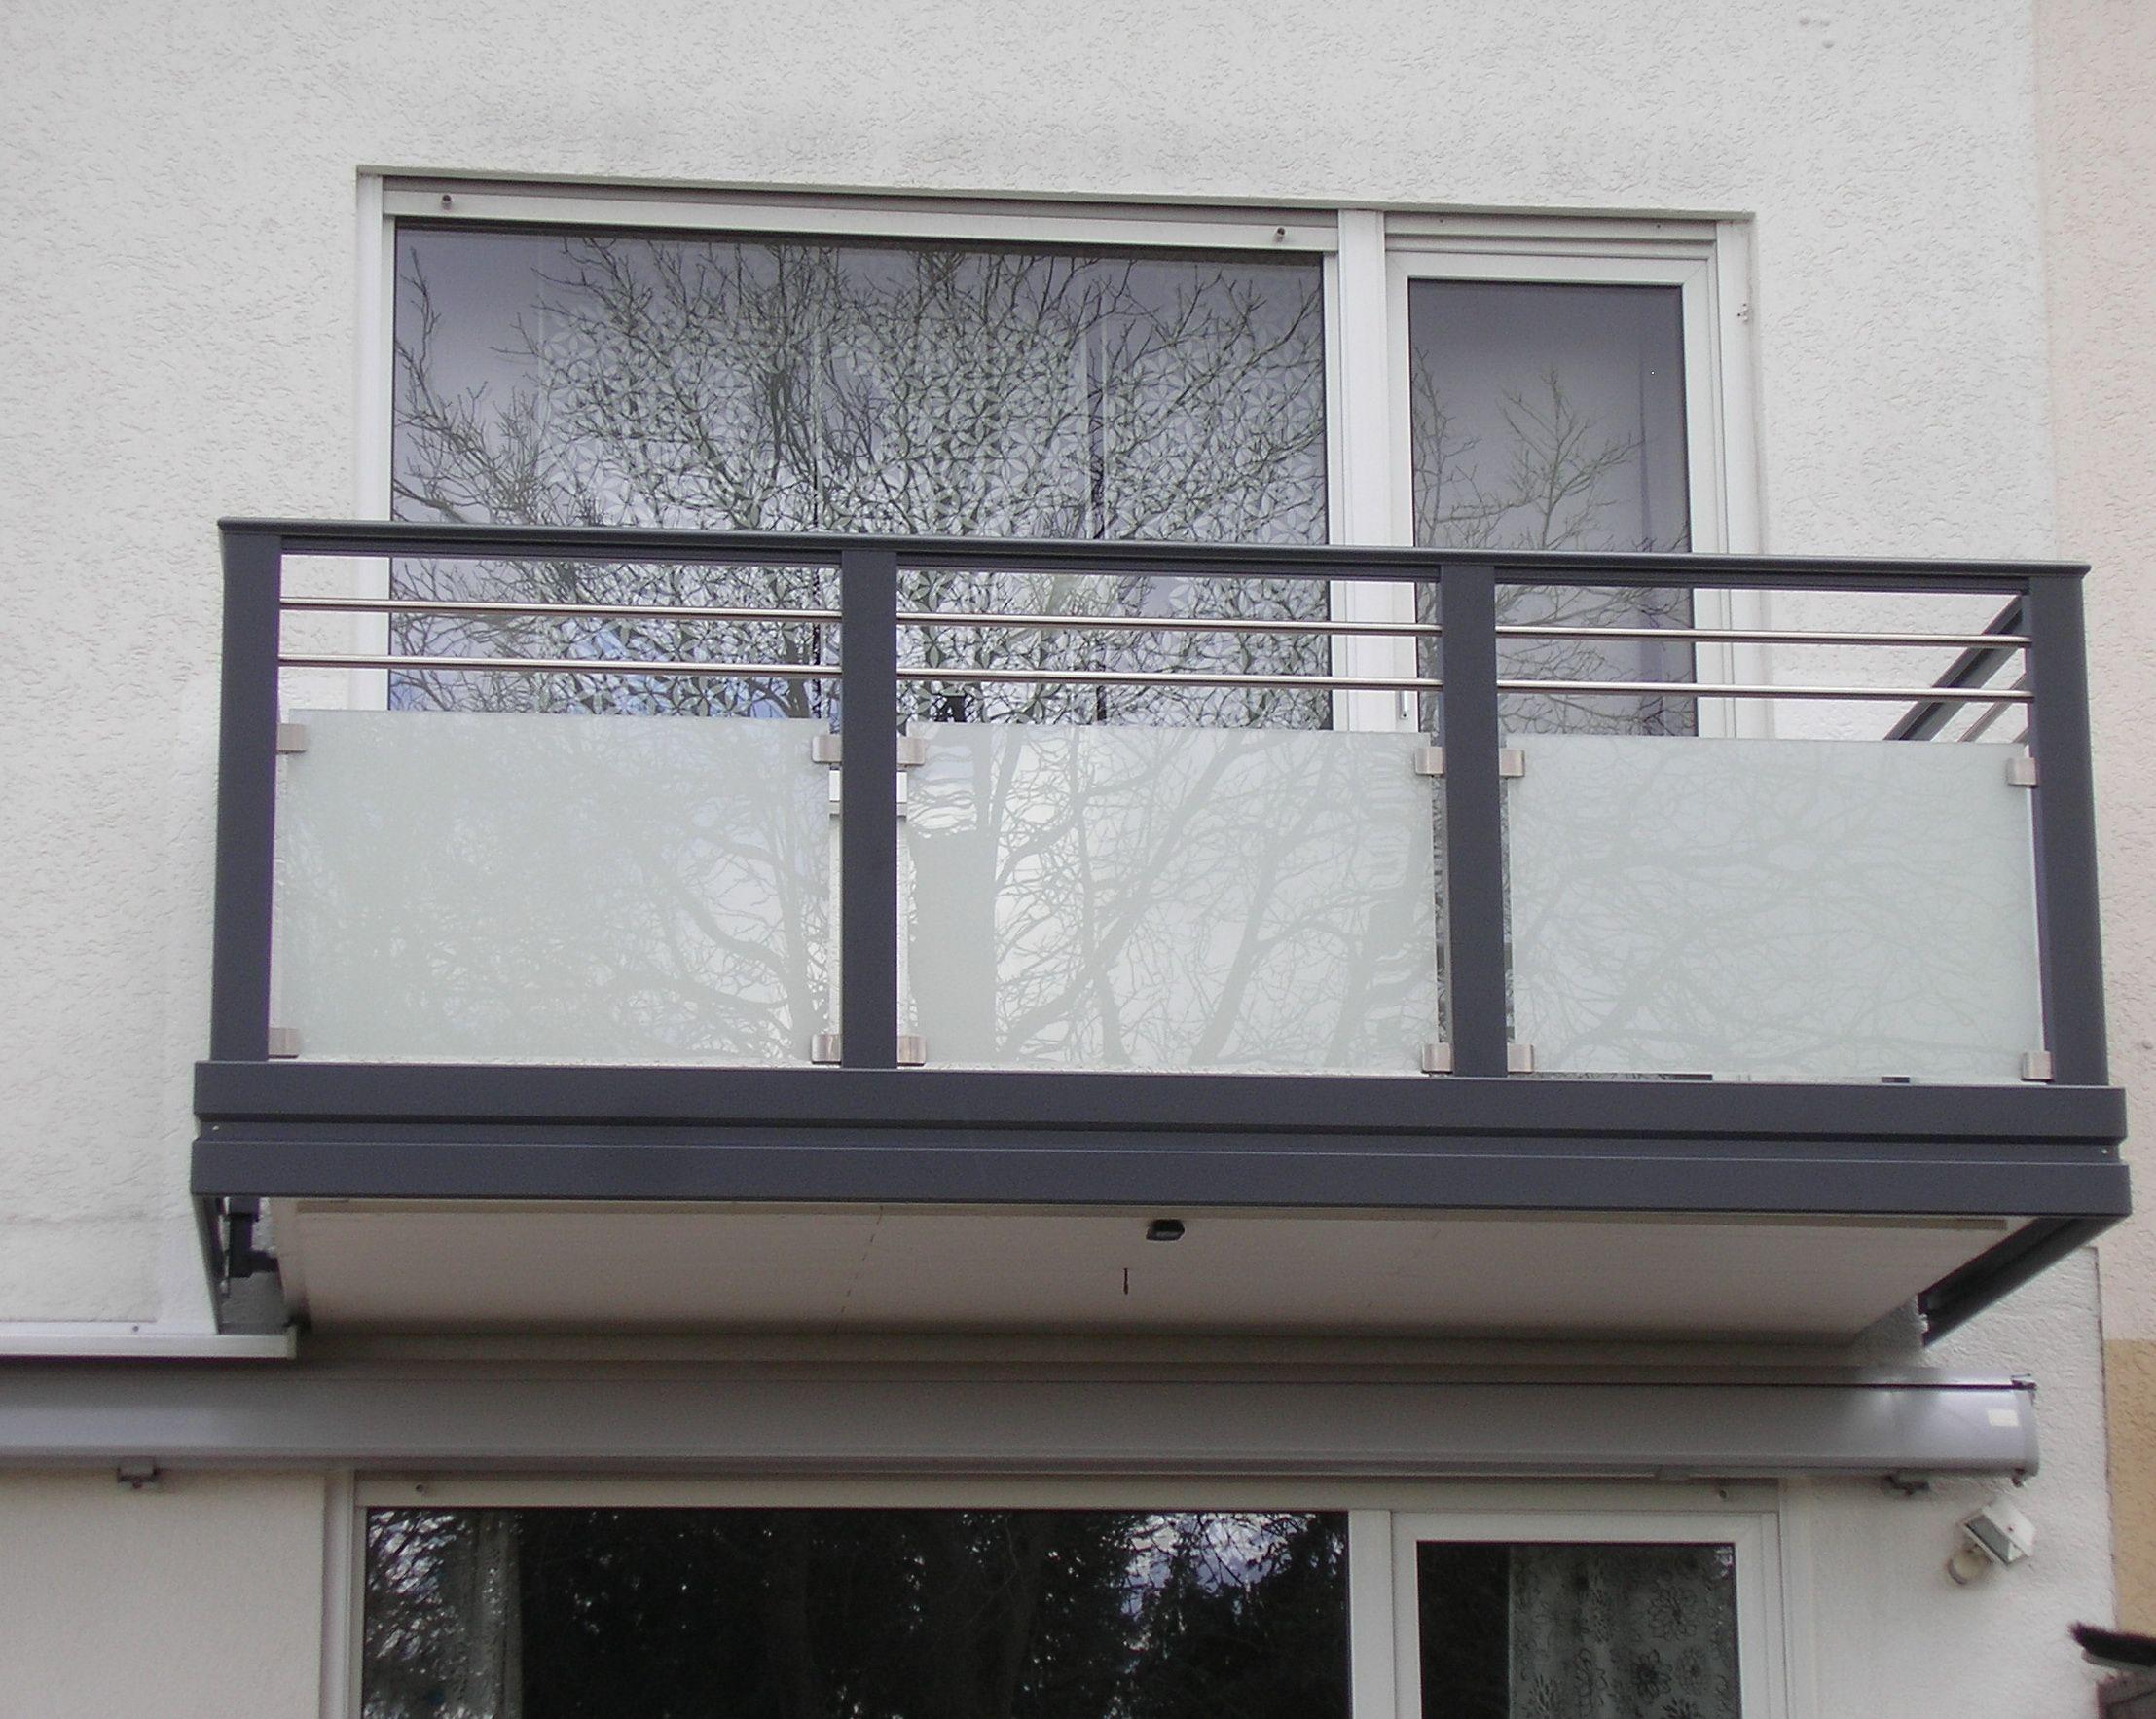 Balkonverkleidung Aus Bruchfestem Polycarbonat In Uv Und